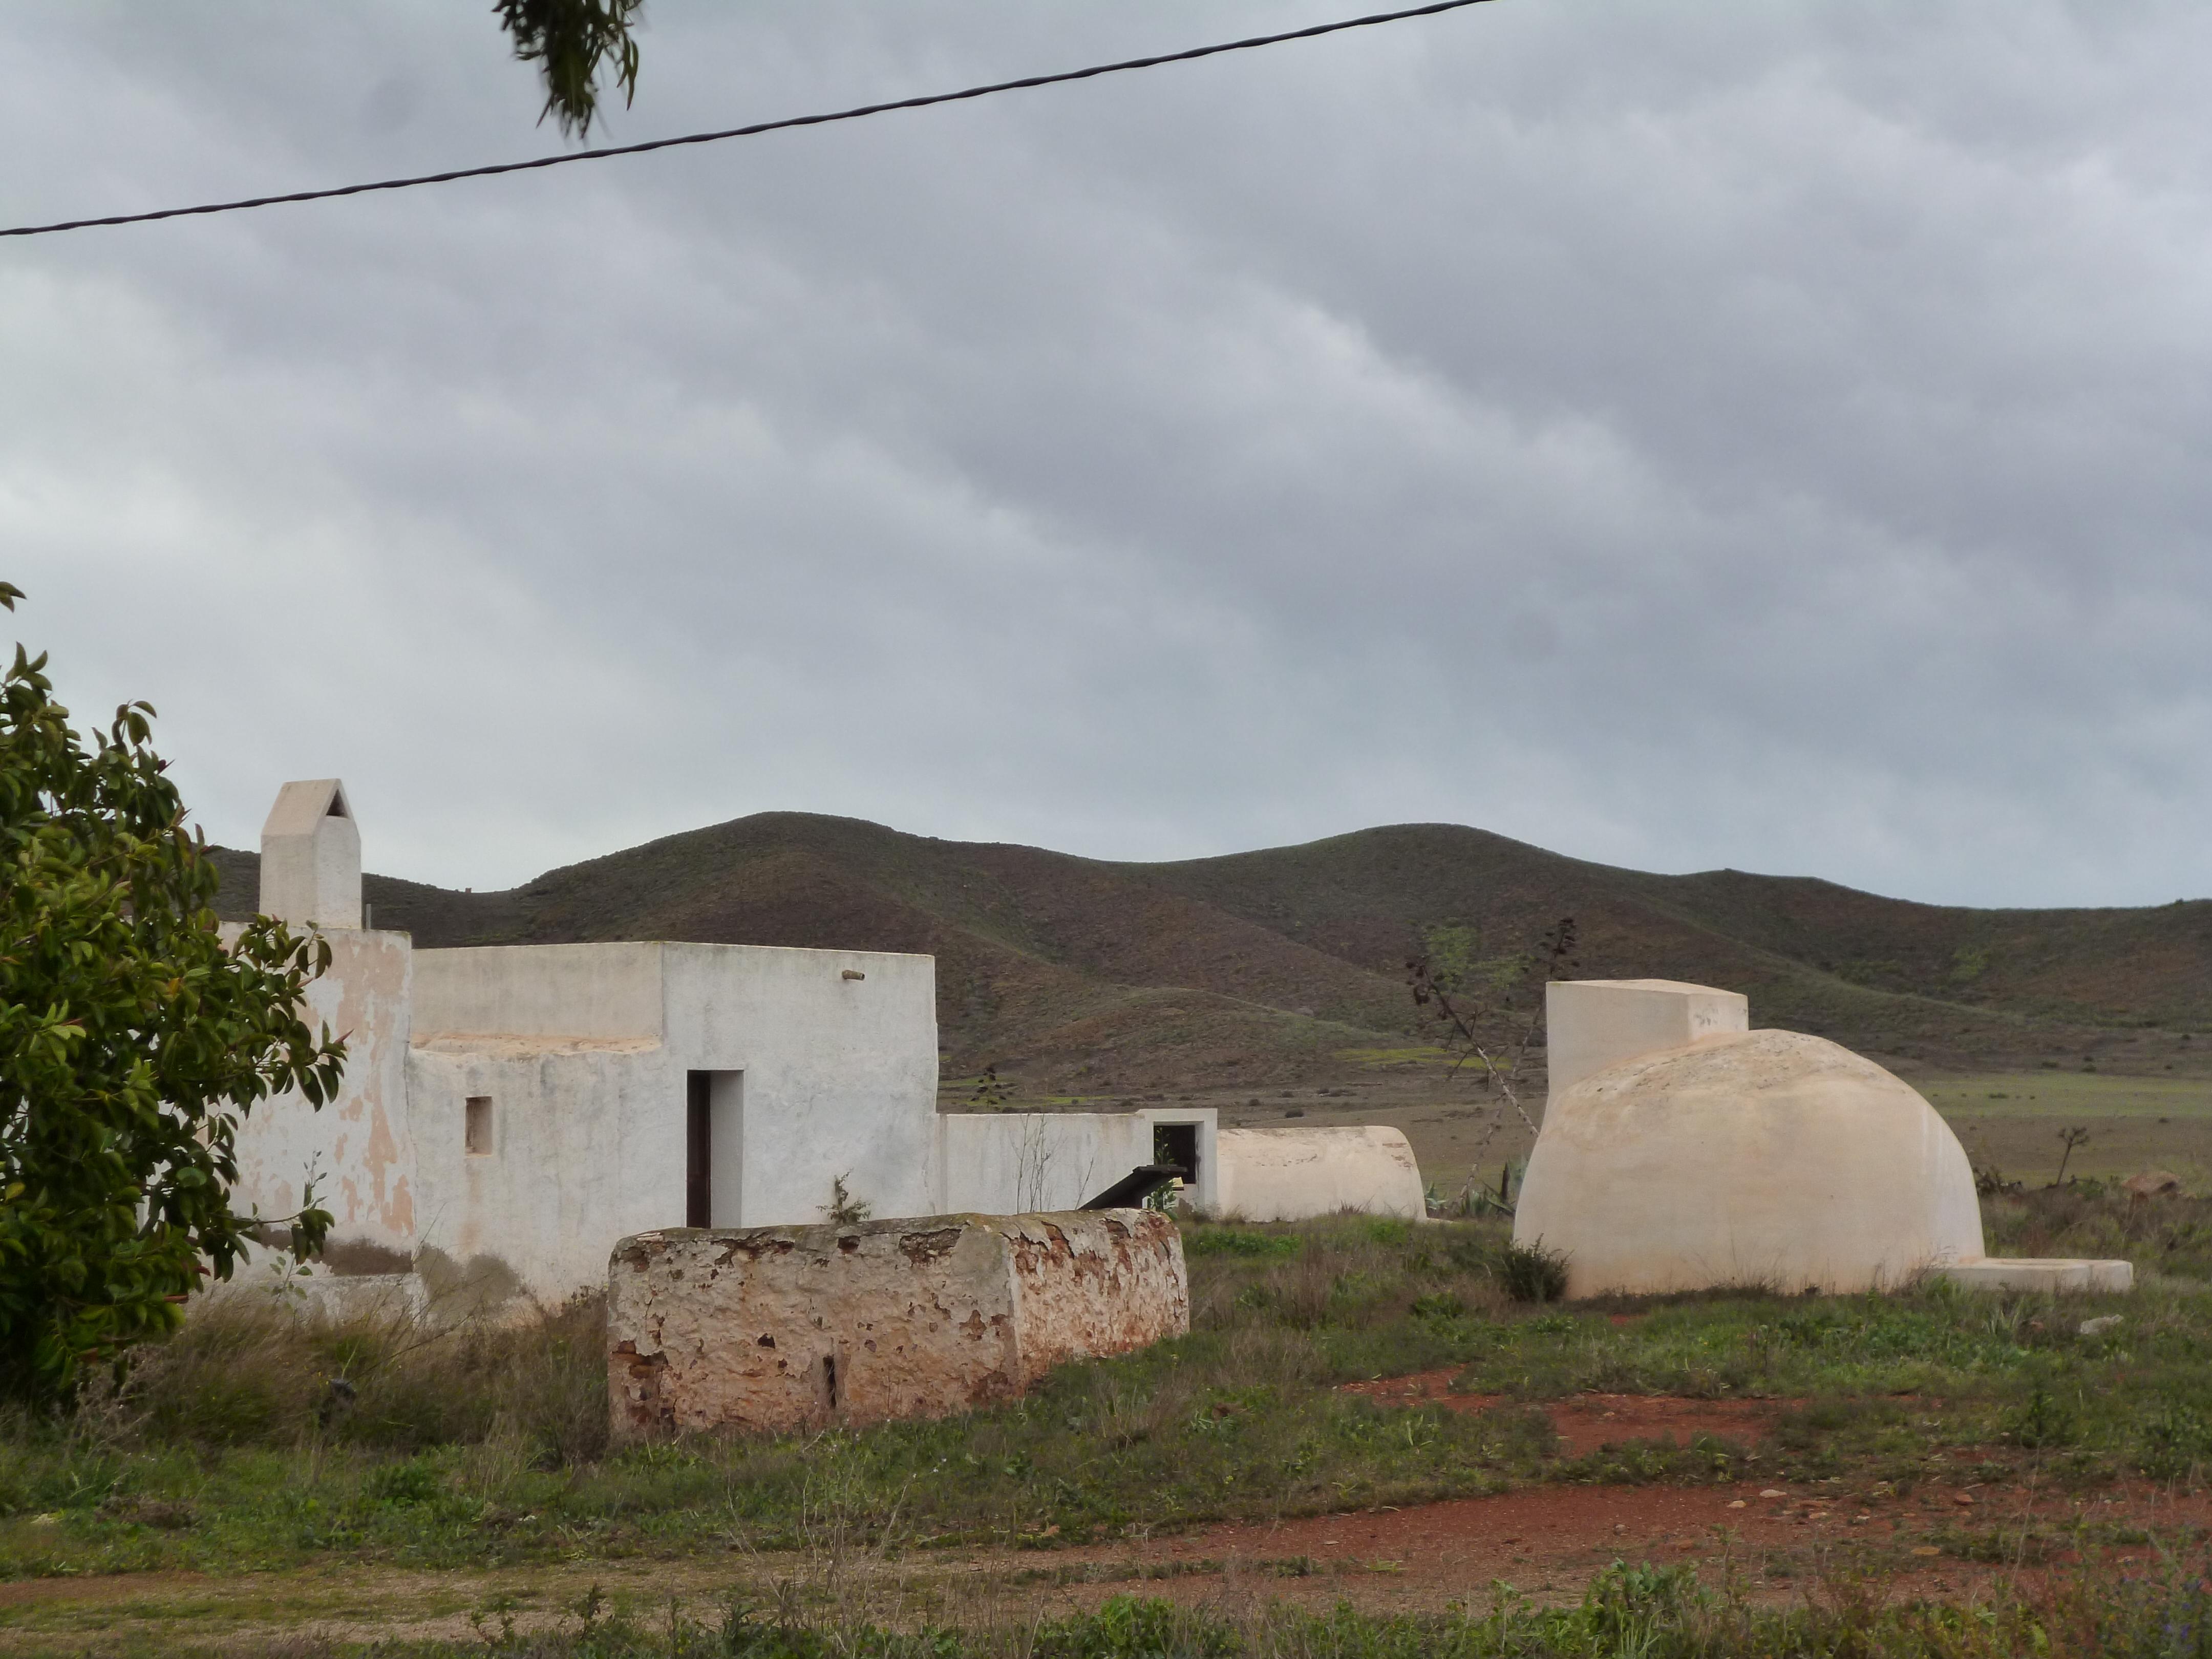 maisons et citernes sur le chemin de Rodalquilar